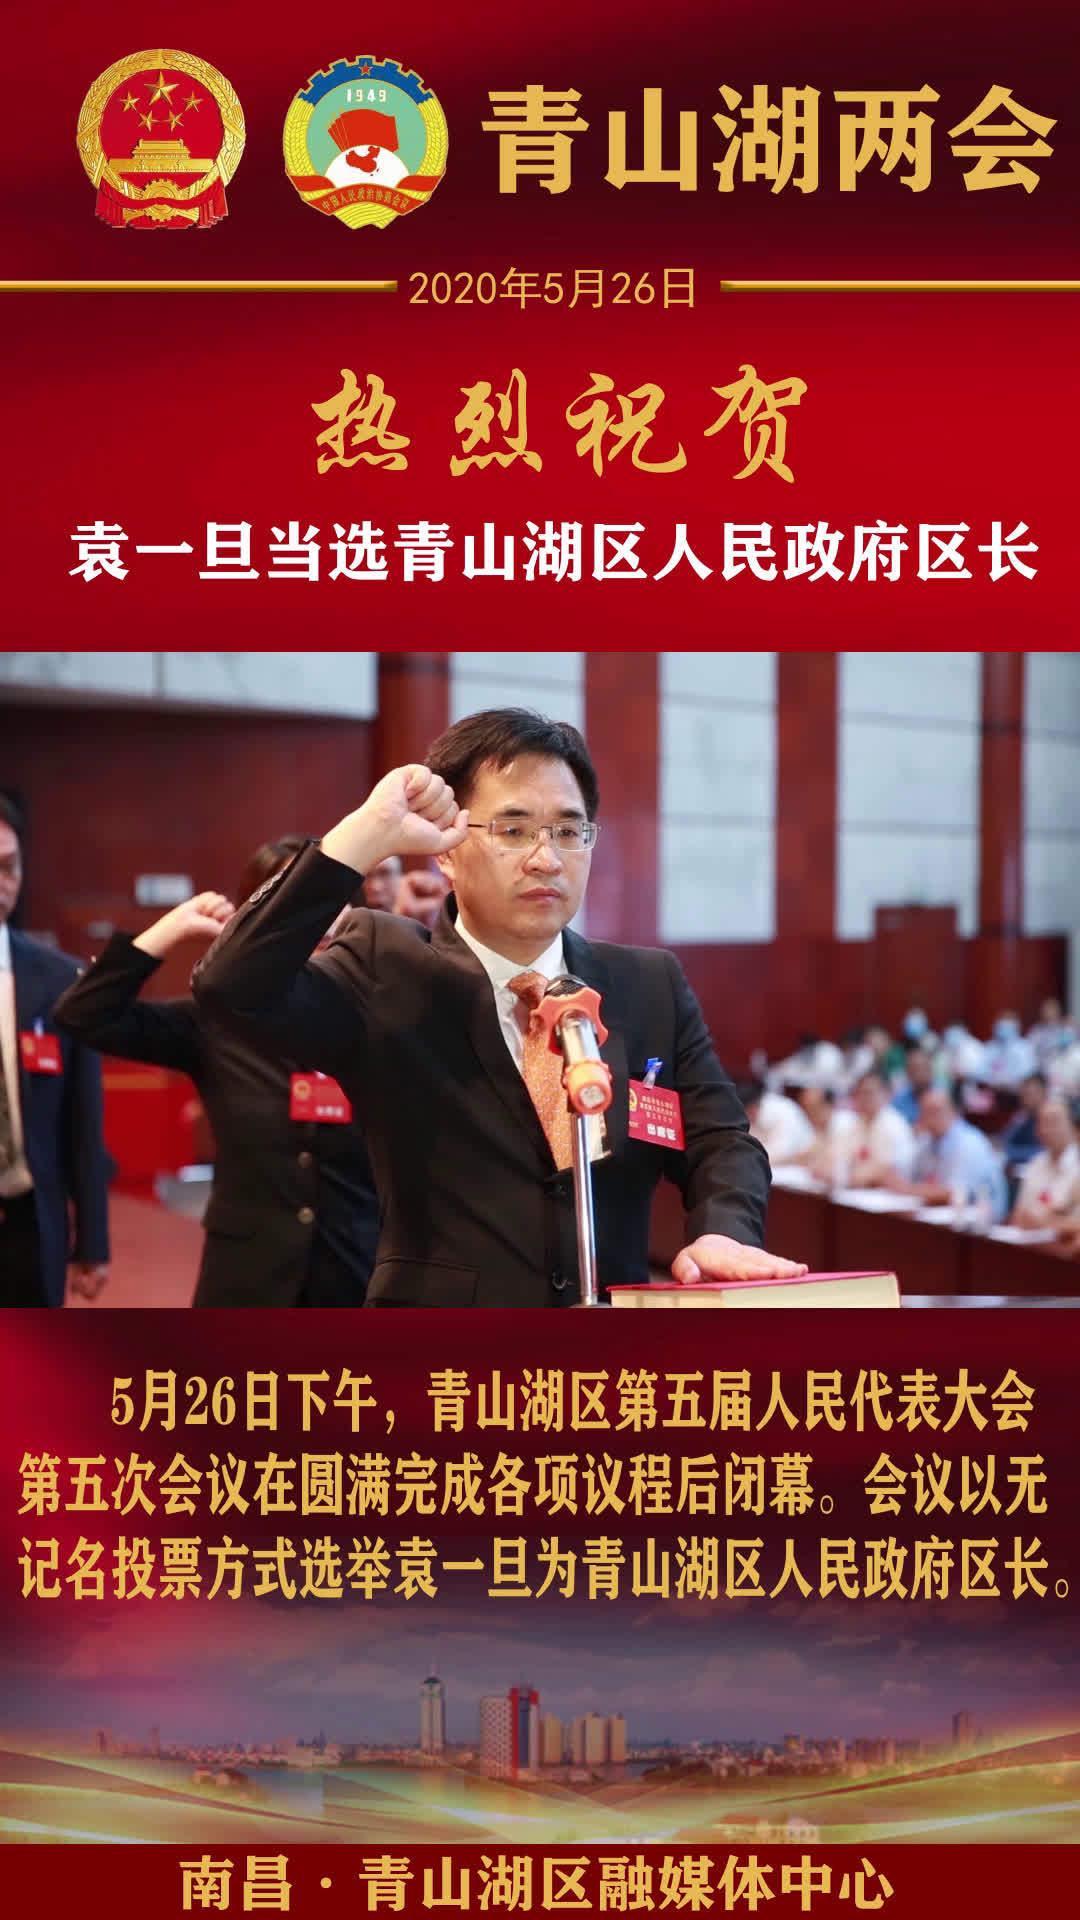 袁一旦当选青山湖区人民政府区长并宣誓就职